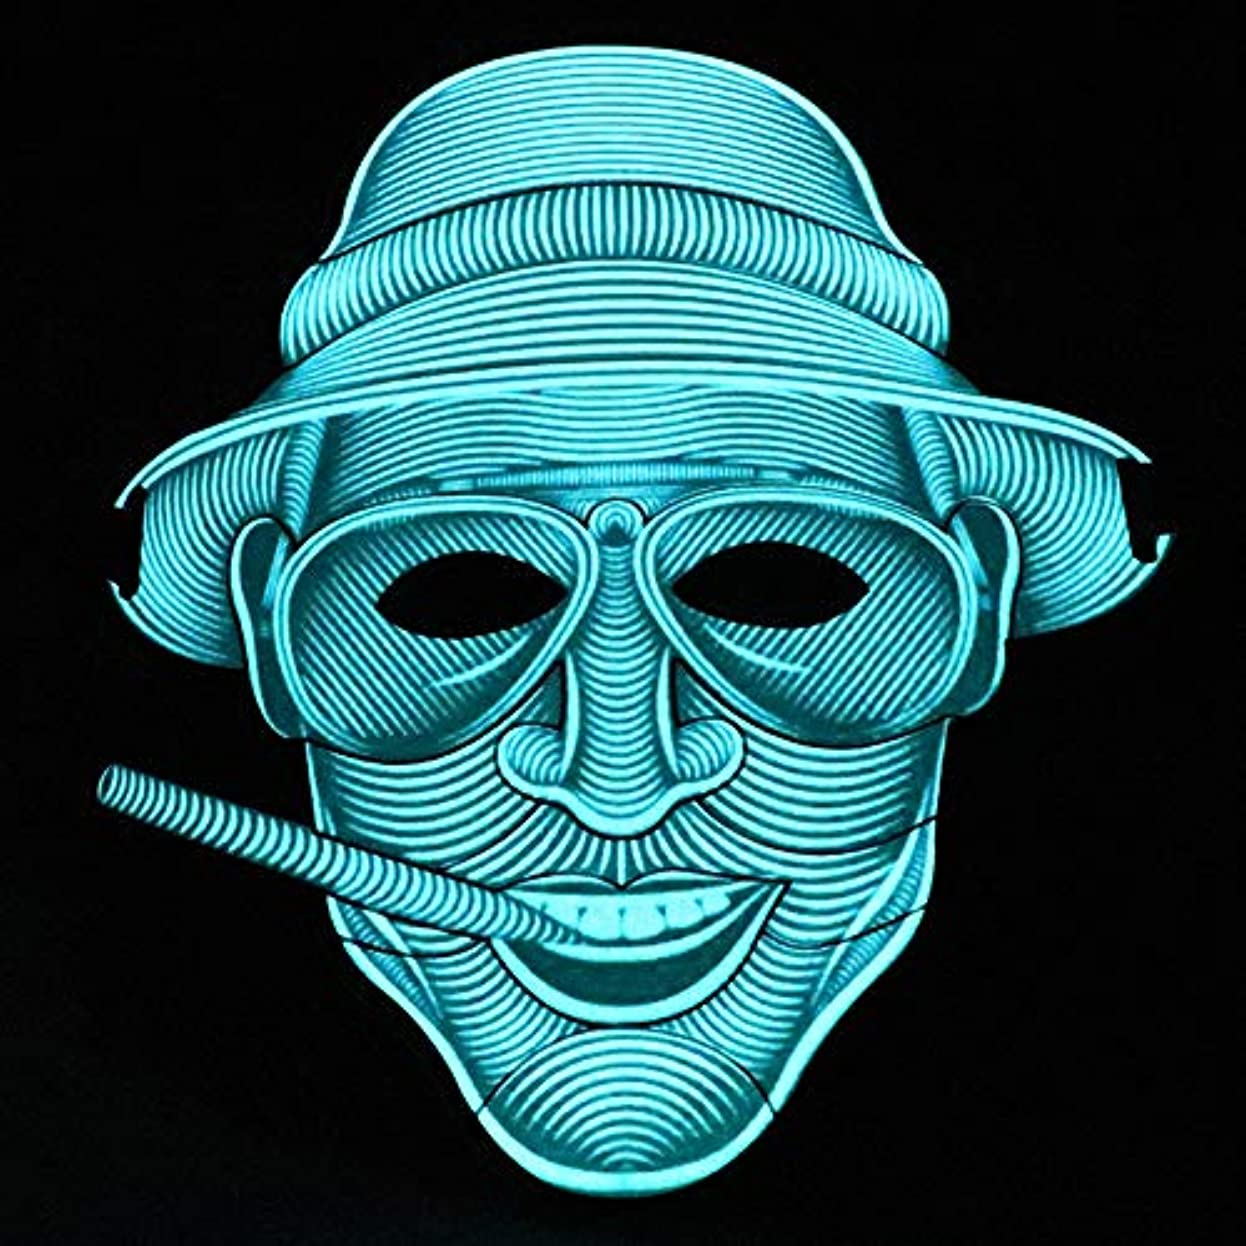 オーバーコートドア敬の念照らされたマスクLED創造的な冷光音響制御マスクハロウィンバーフェスティバルダンスマスク (Color : #13)